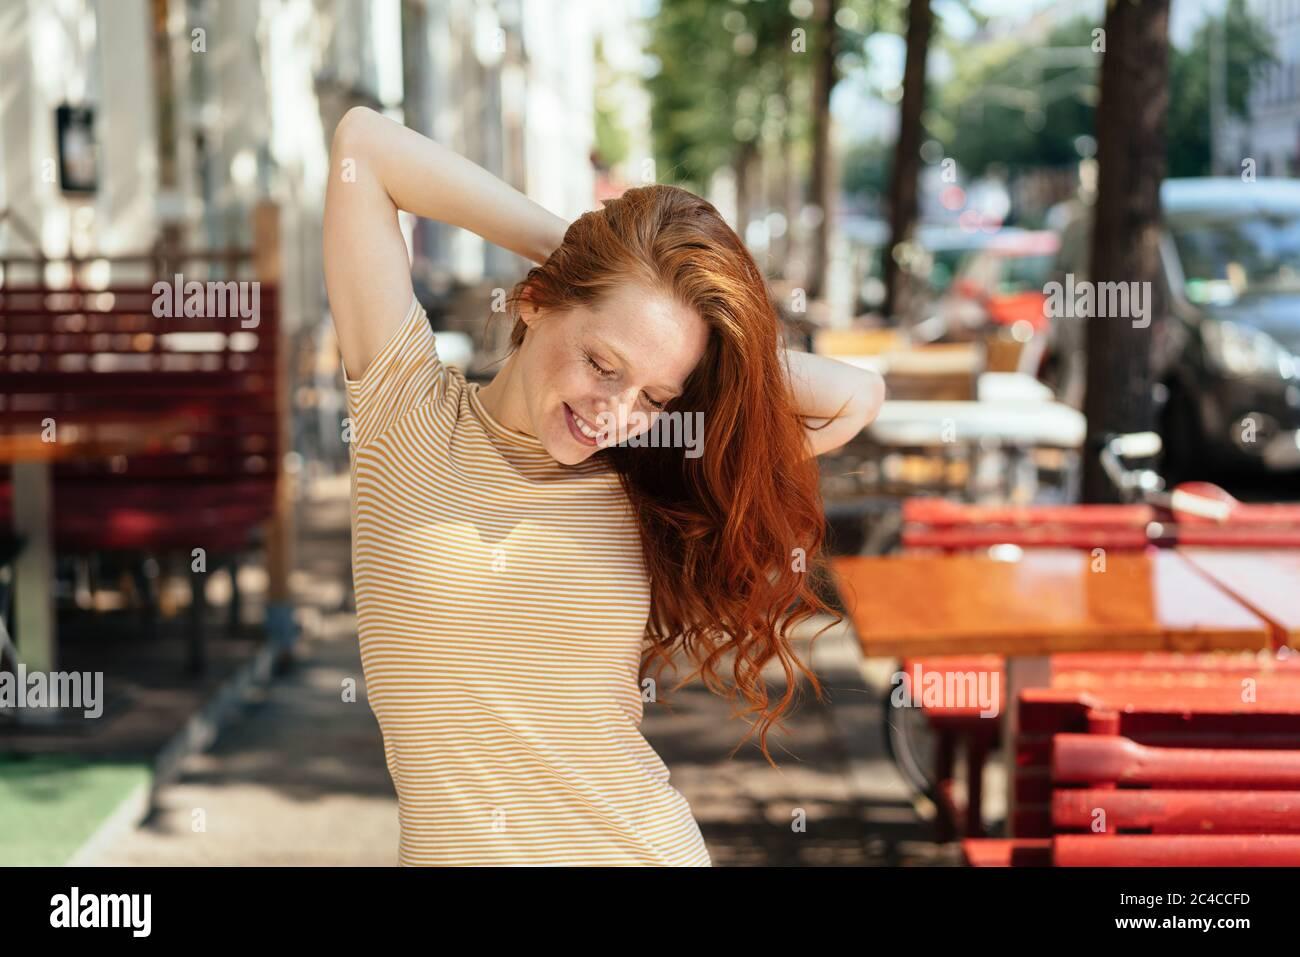 hot slender woman in olomouc